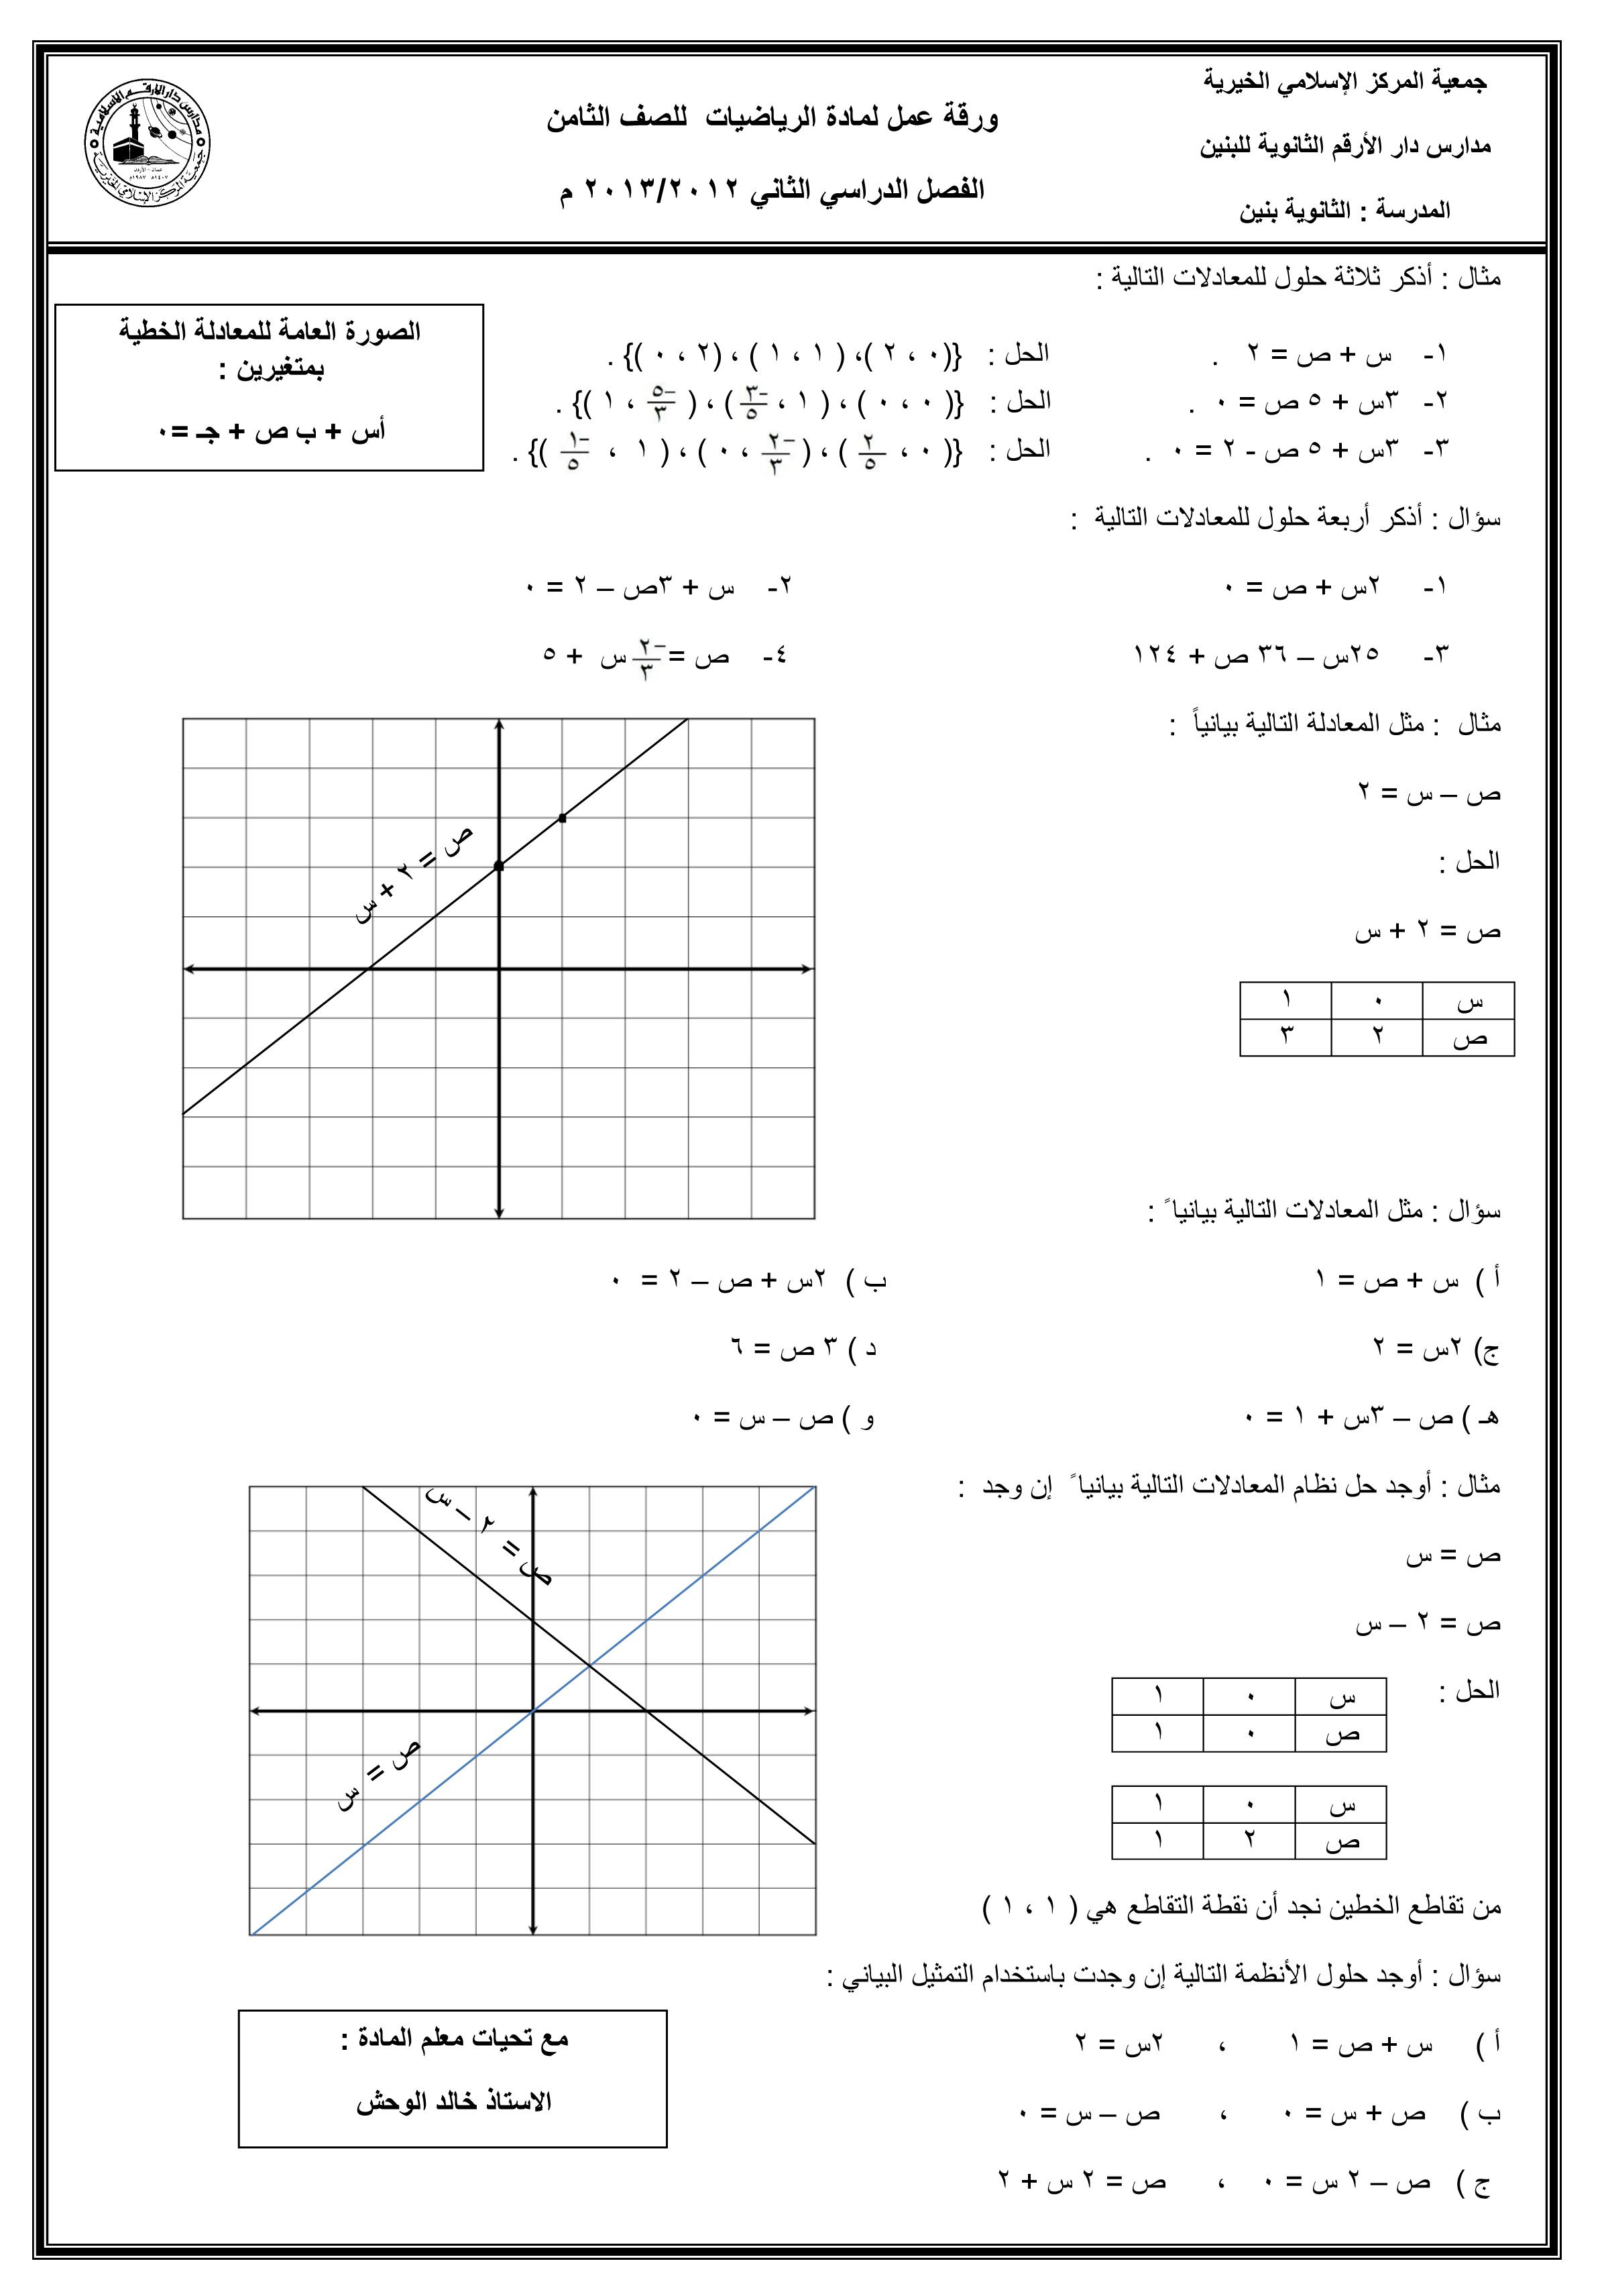 حل كتاب الرياضيات للصف الاول ثانوي الفصل الدراسي الاول